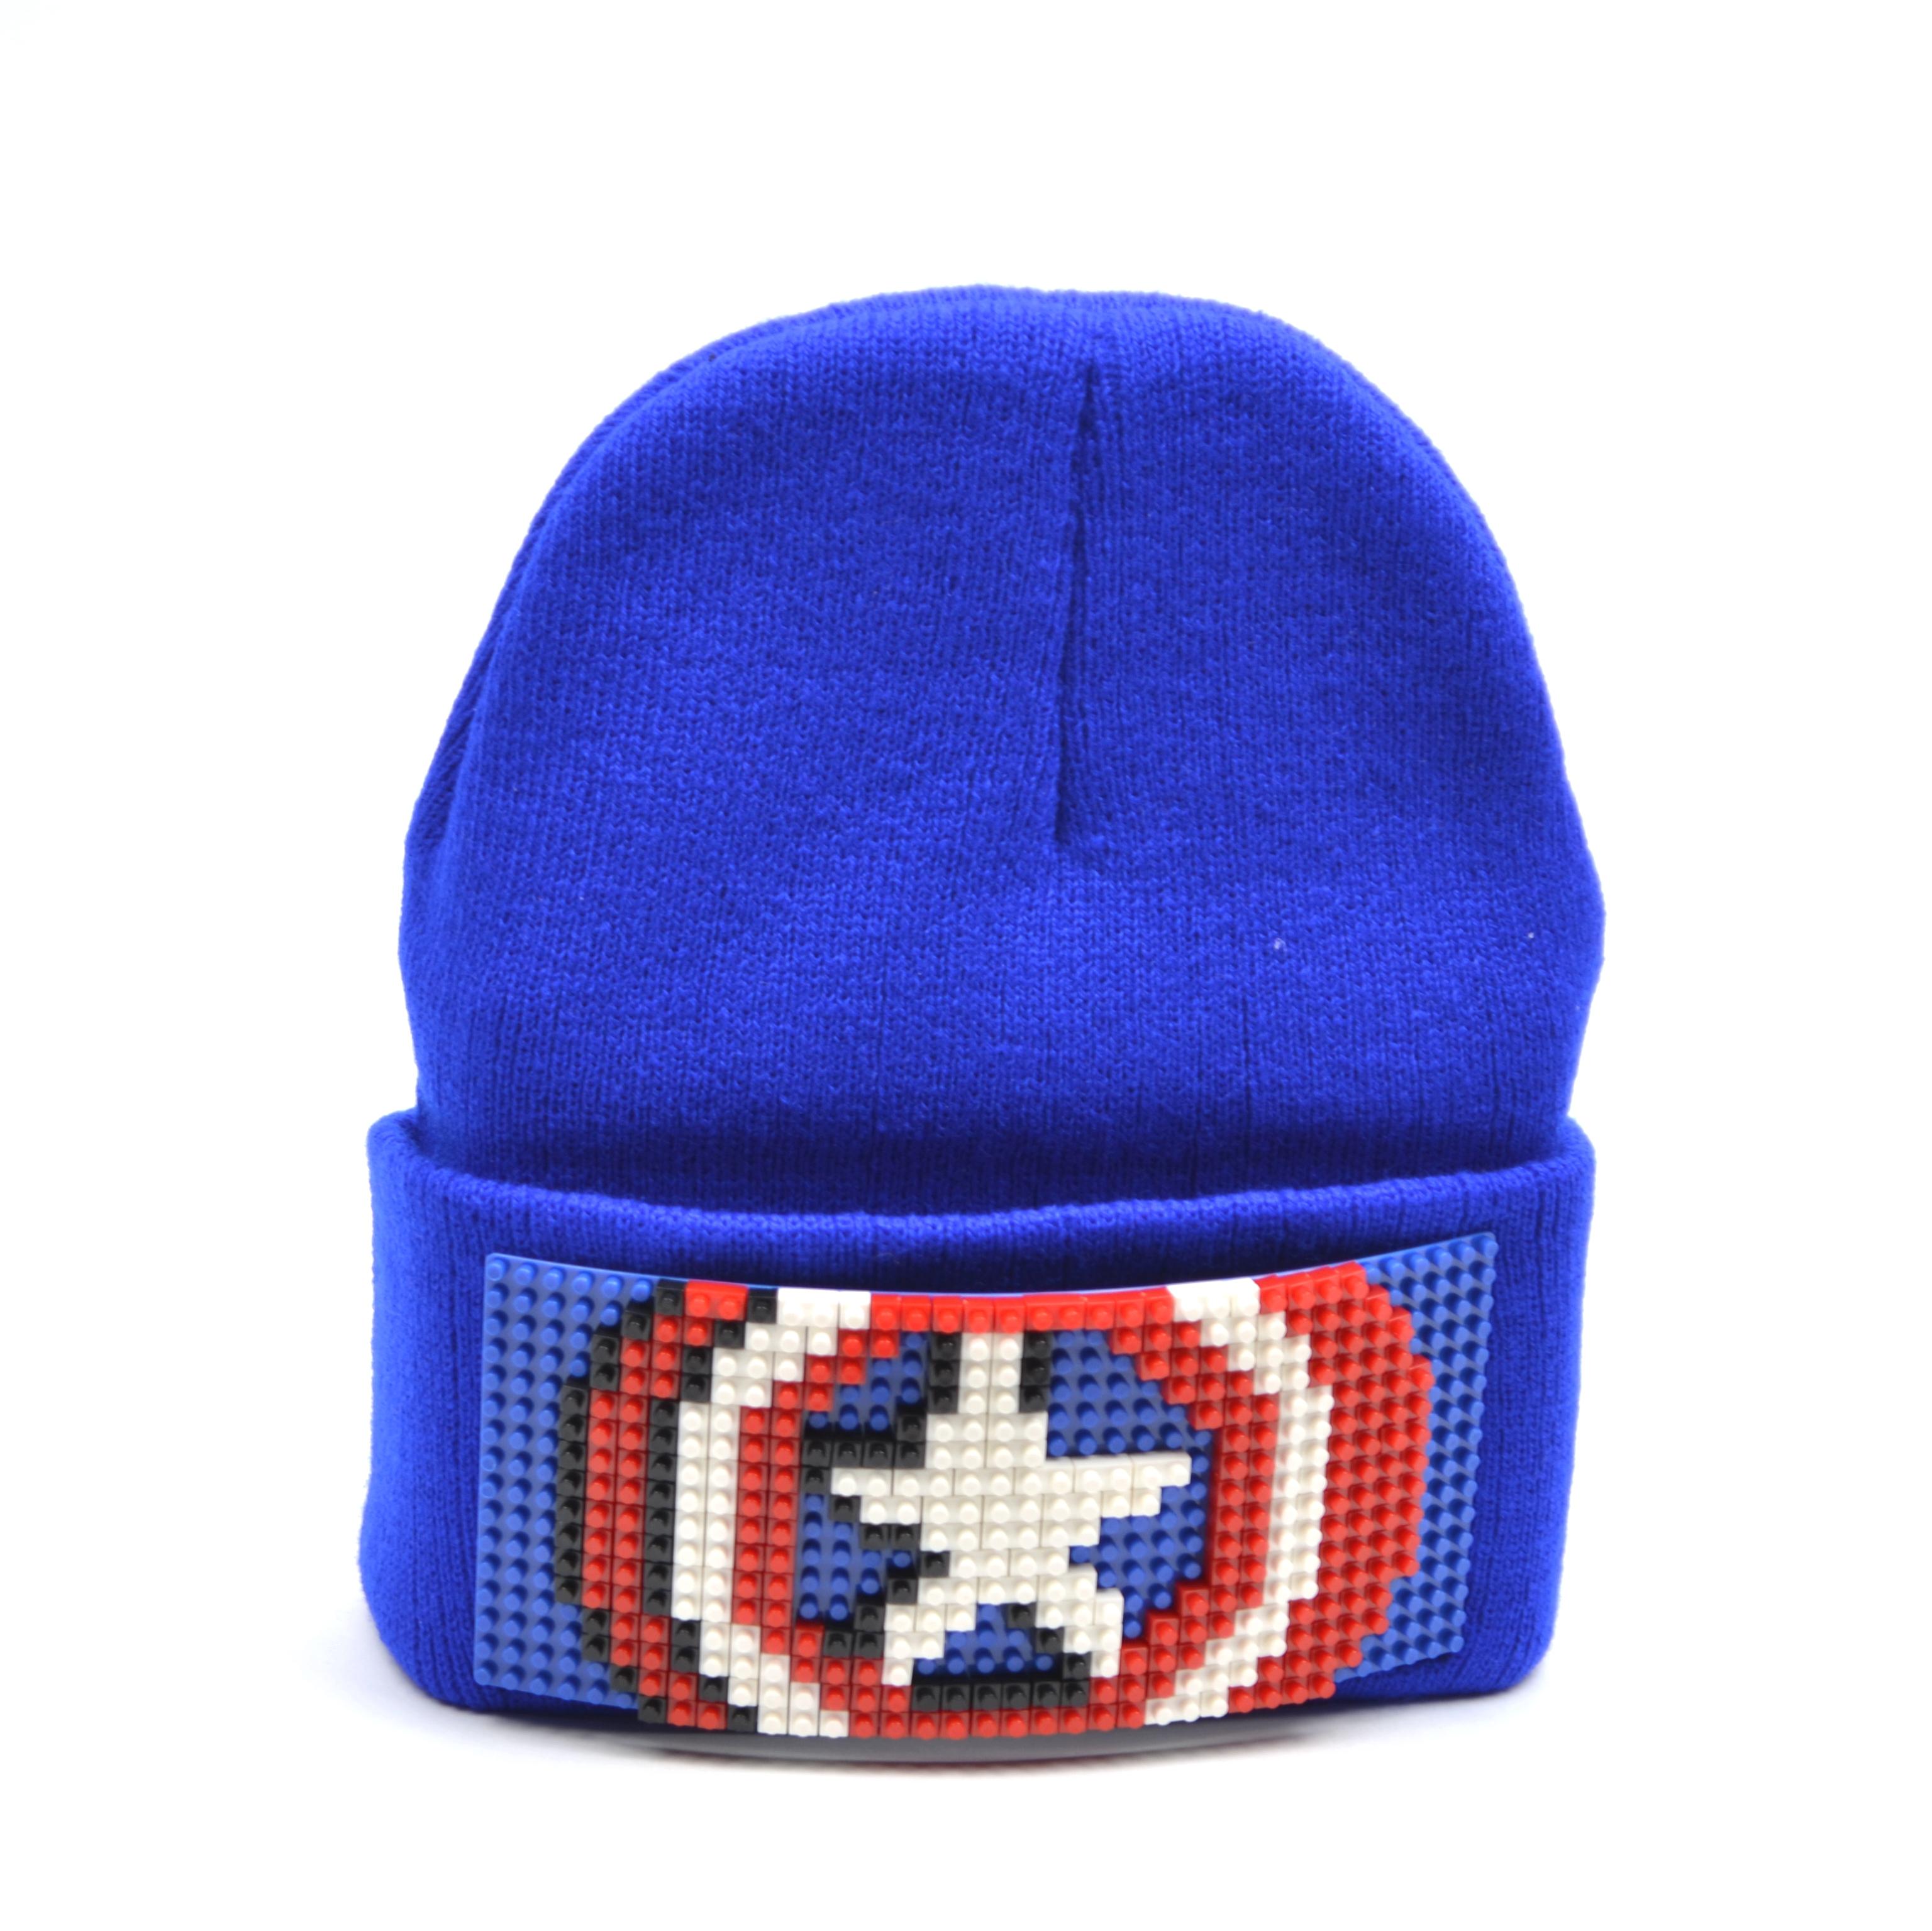 Купить Шапка Kepkastroy Капитан Америка, Детские шапки